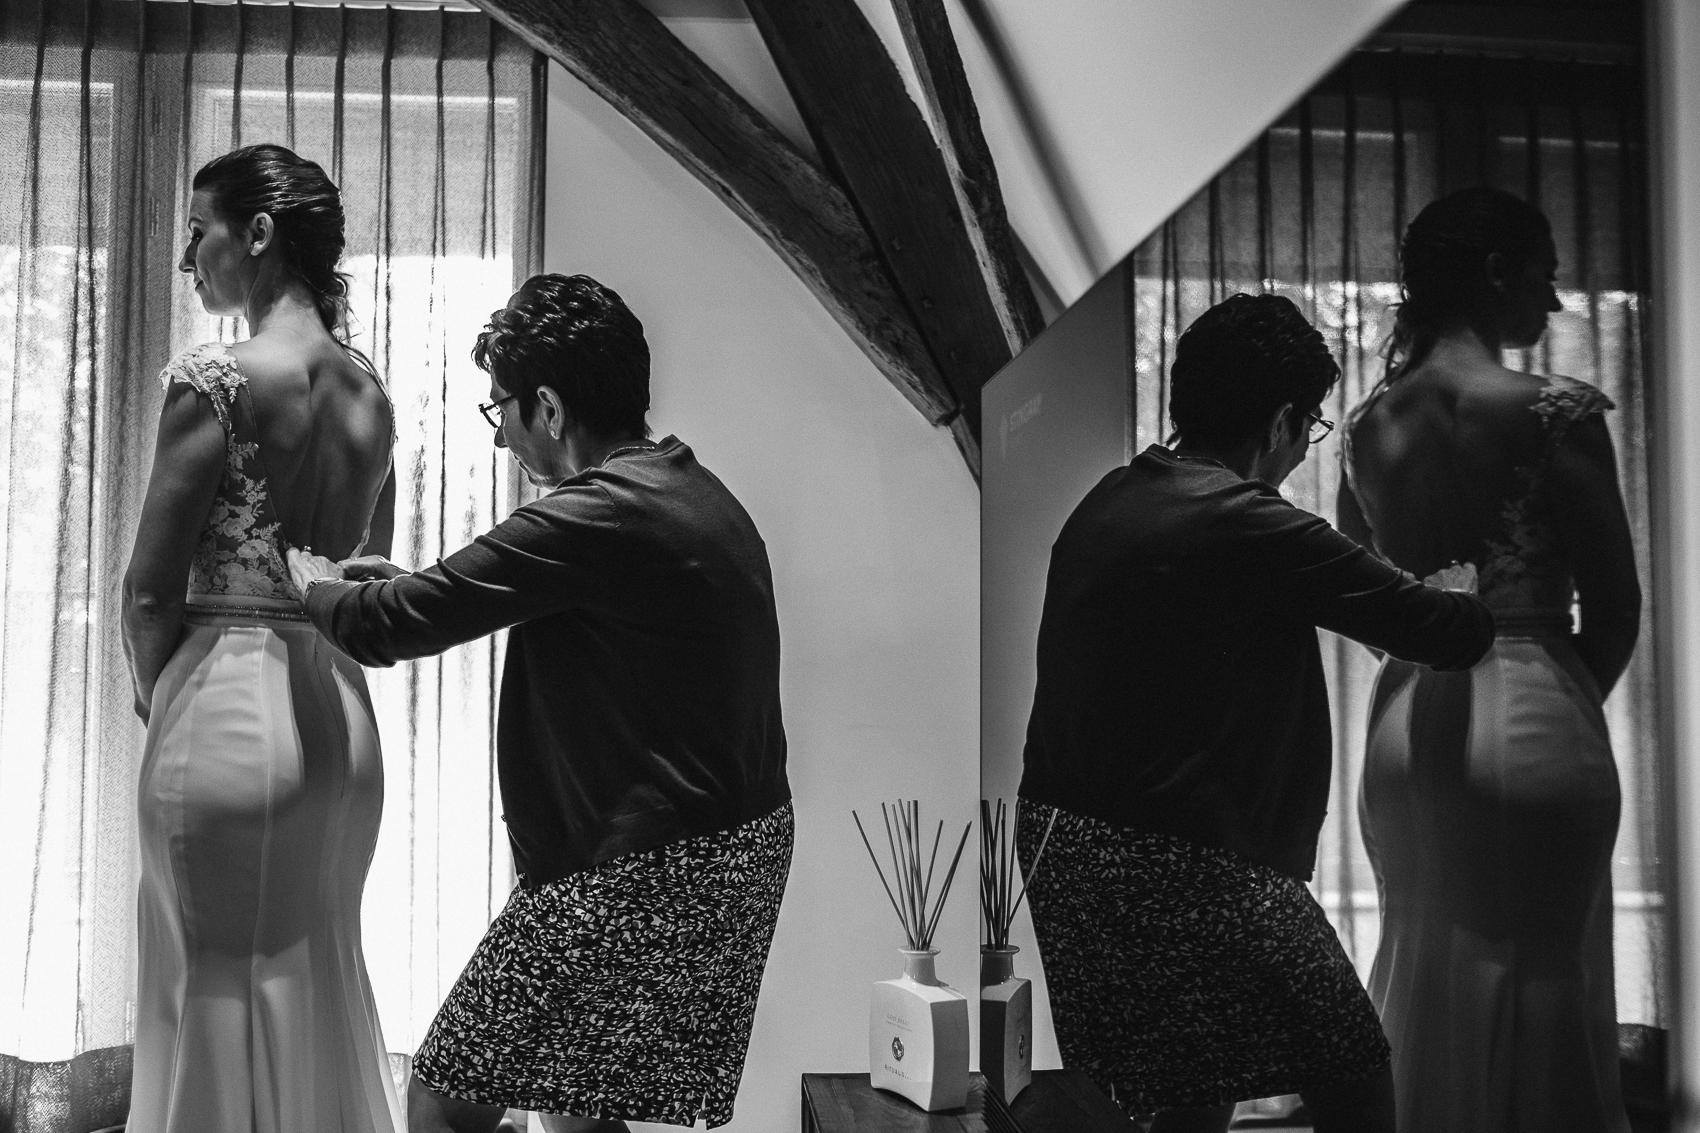 iso800 - huwelijksfotograaf Ina en Erik -4.jpg